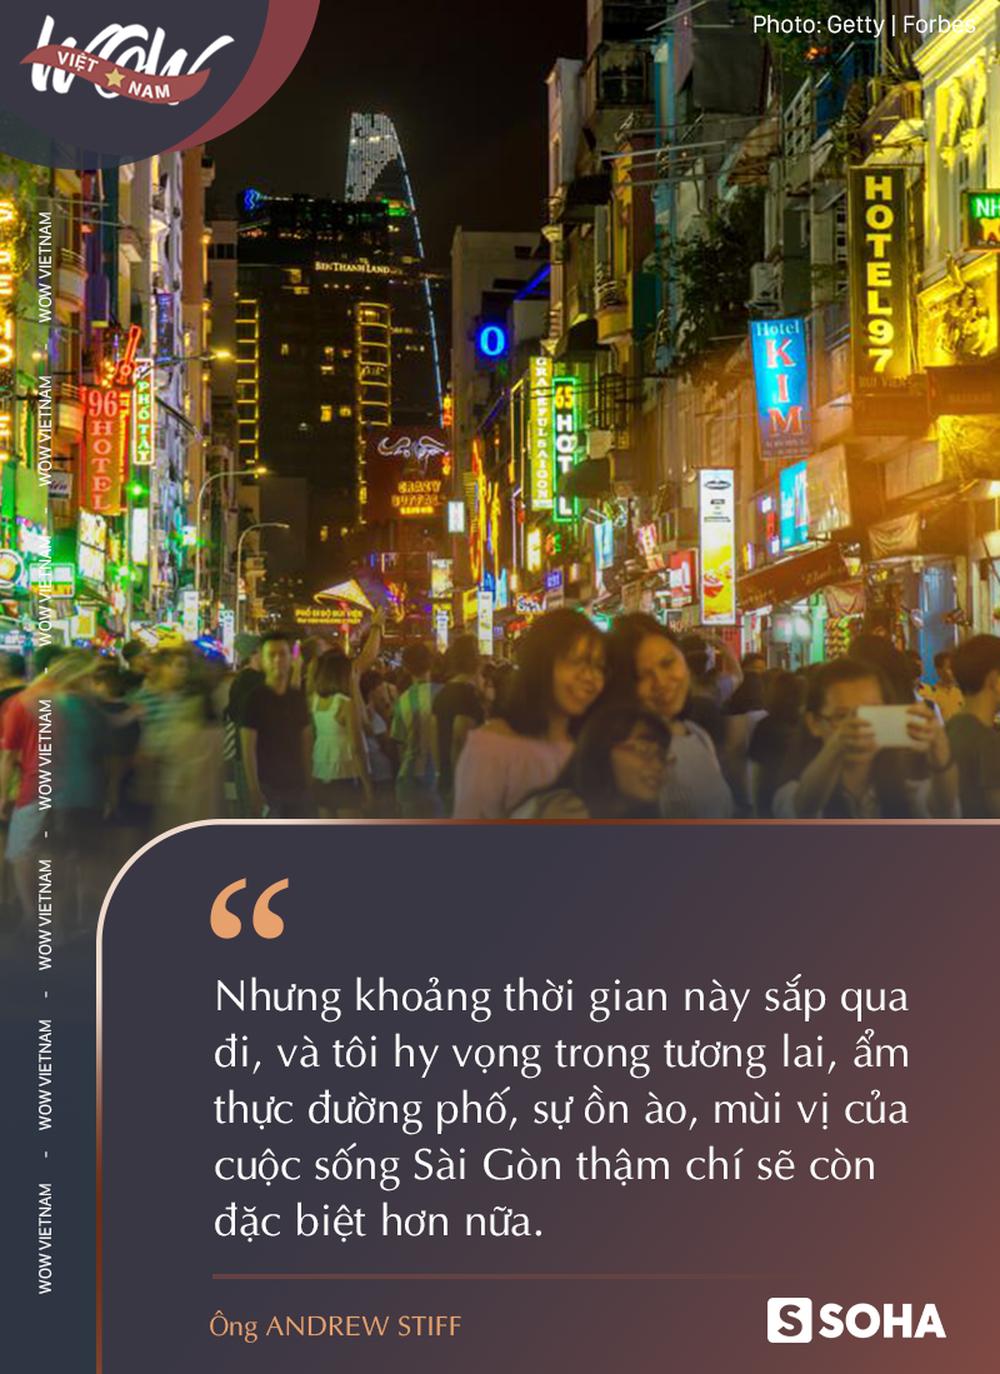 Khi mở cửa trở lại, mùi vị của cuộc sống Sài Gòn thậm chí sẽ còn đặc biệt hơn nữa - Ảnh 4.